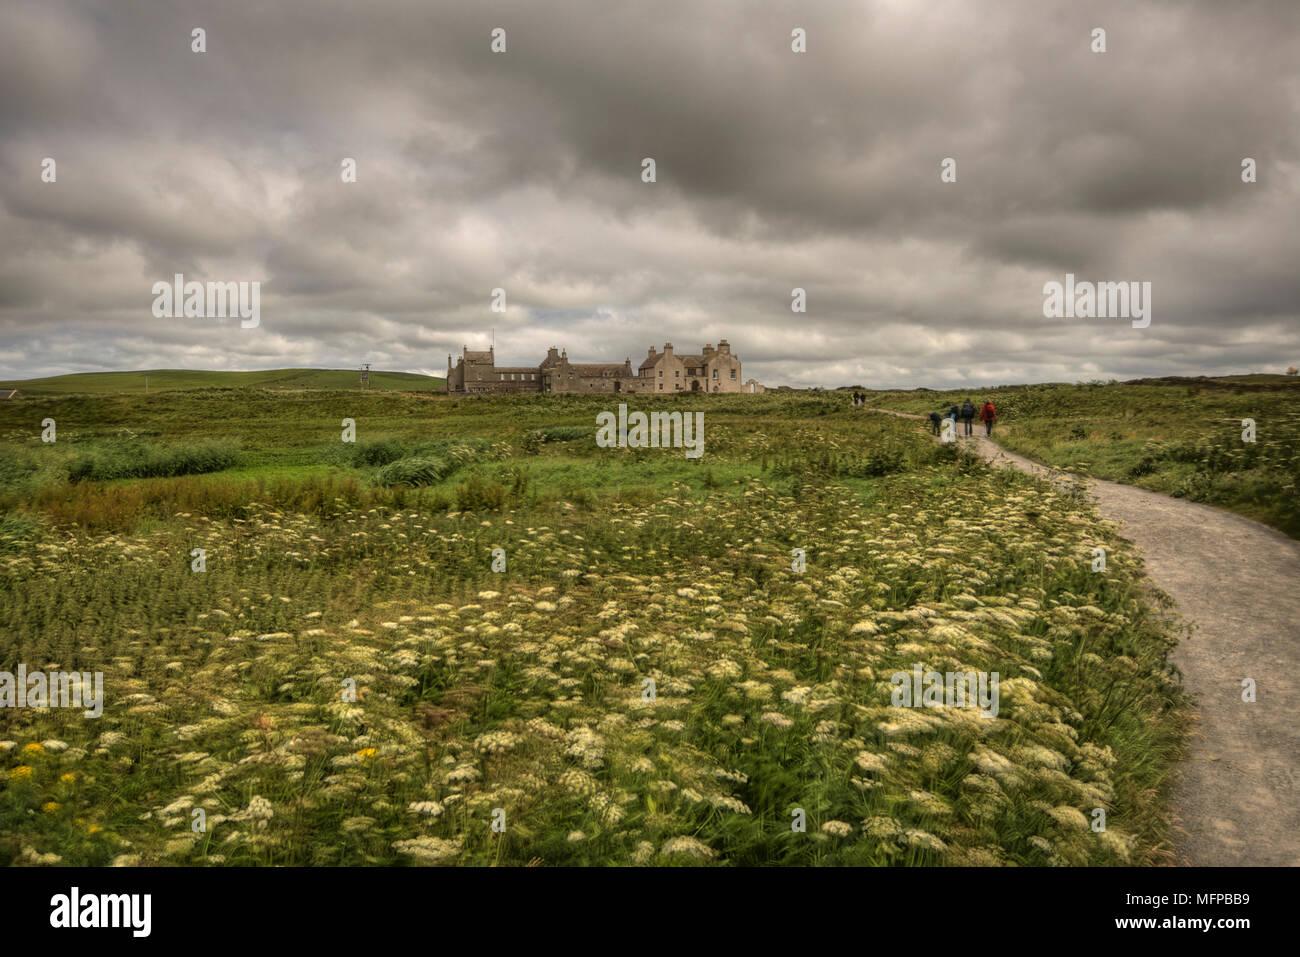 Champ de fleurs avec sentier menant à Skaill House, un hôtel particulier à l'ouest de la partie continentale, Orkney, près de village néolithique de Skara Brae. Banque D'Images